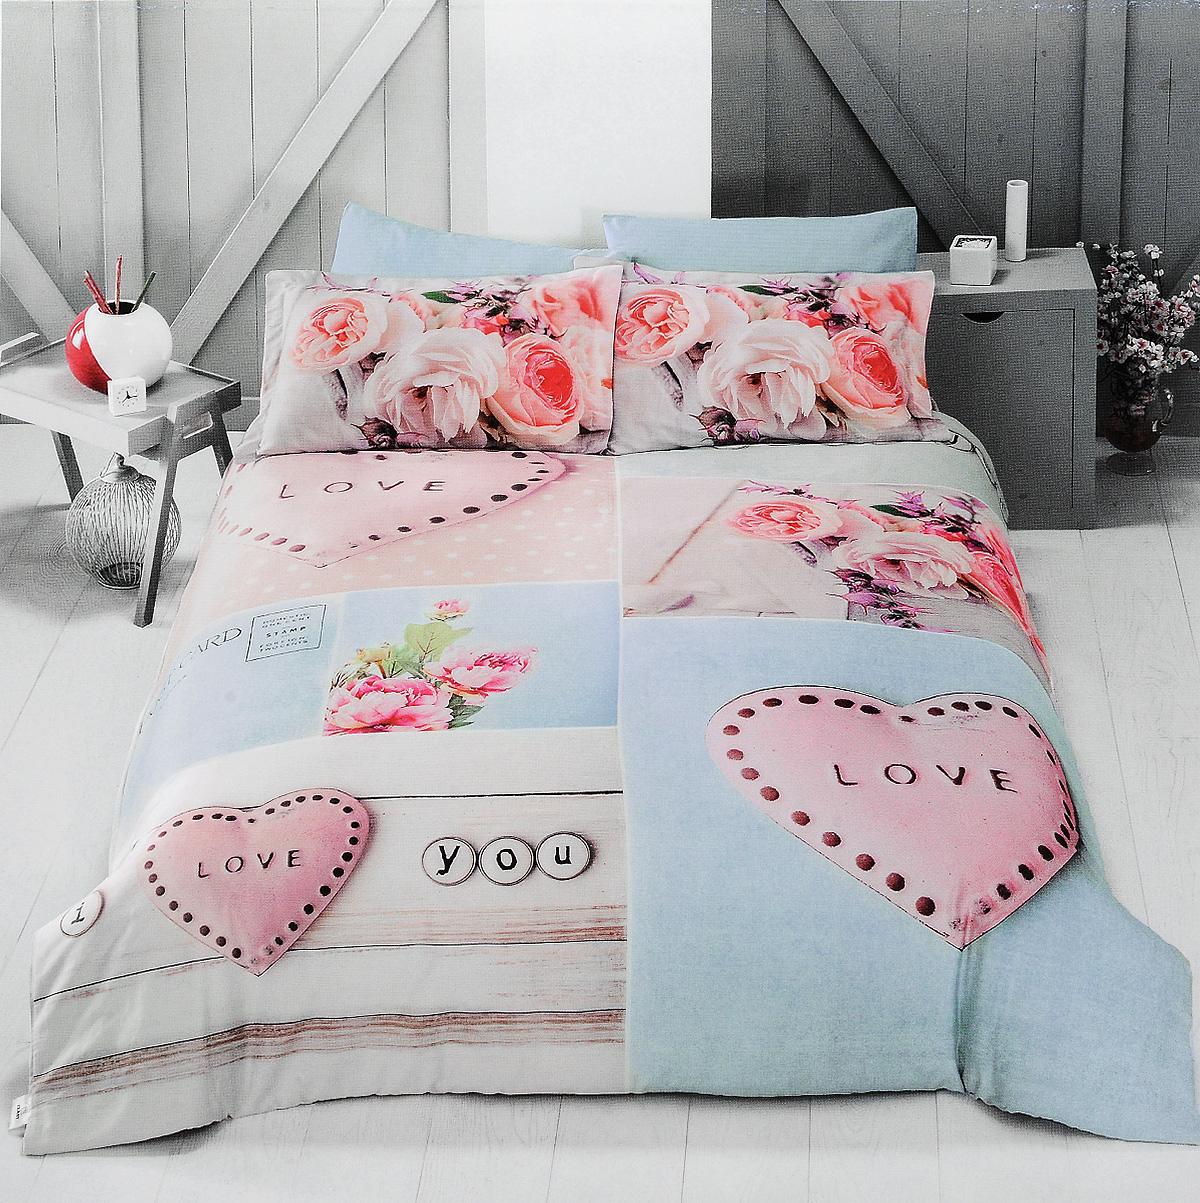 Комплект белья Clasy Love, евро, наволочки 50х70, цвет: голубой, розовый, бежевый постельное белье clasy комплект постельного белья mitra 1 ранфорс 145тс евро